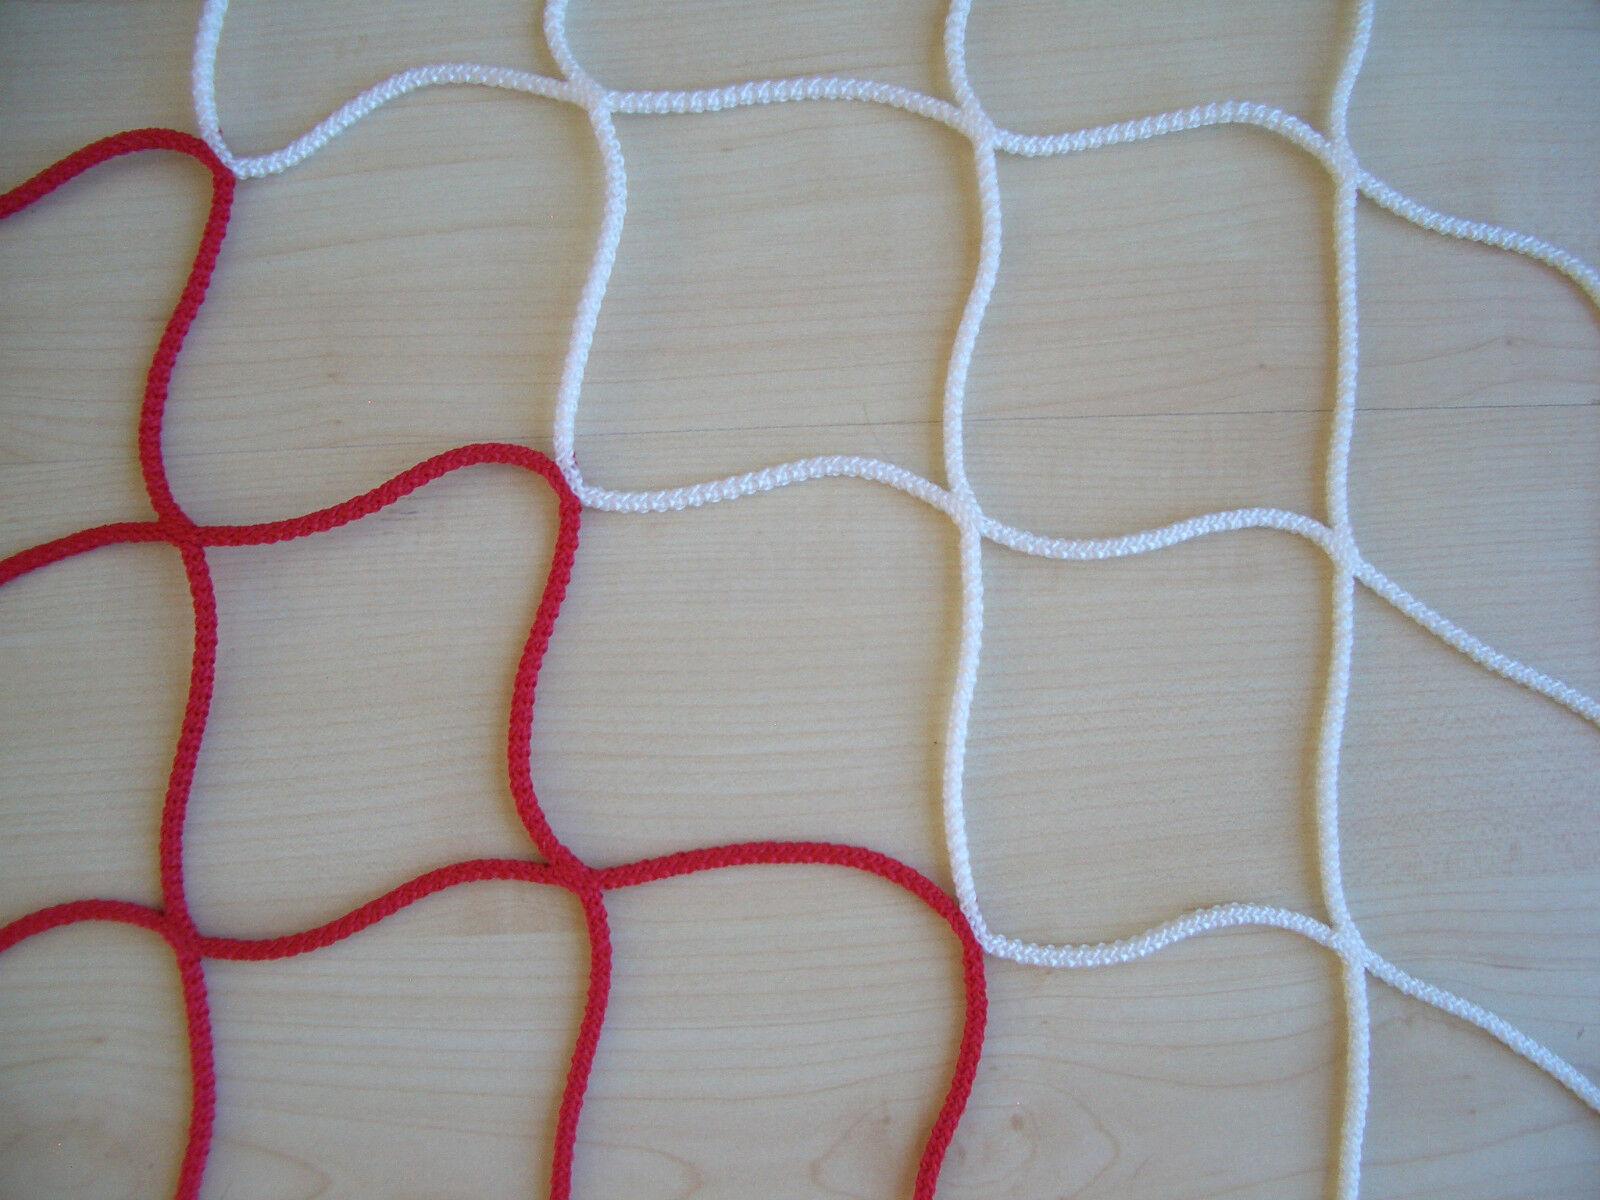 Fußballnetz, Fußballtornetz, Tornetz Jugendtor 5x2m, 100/100, PP 4mm, rot/weiß